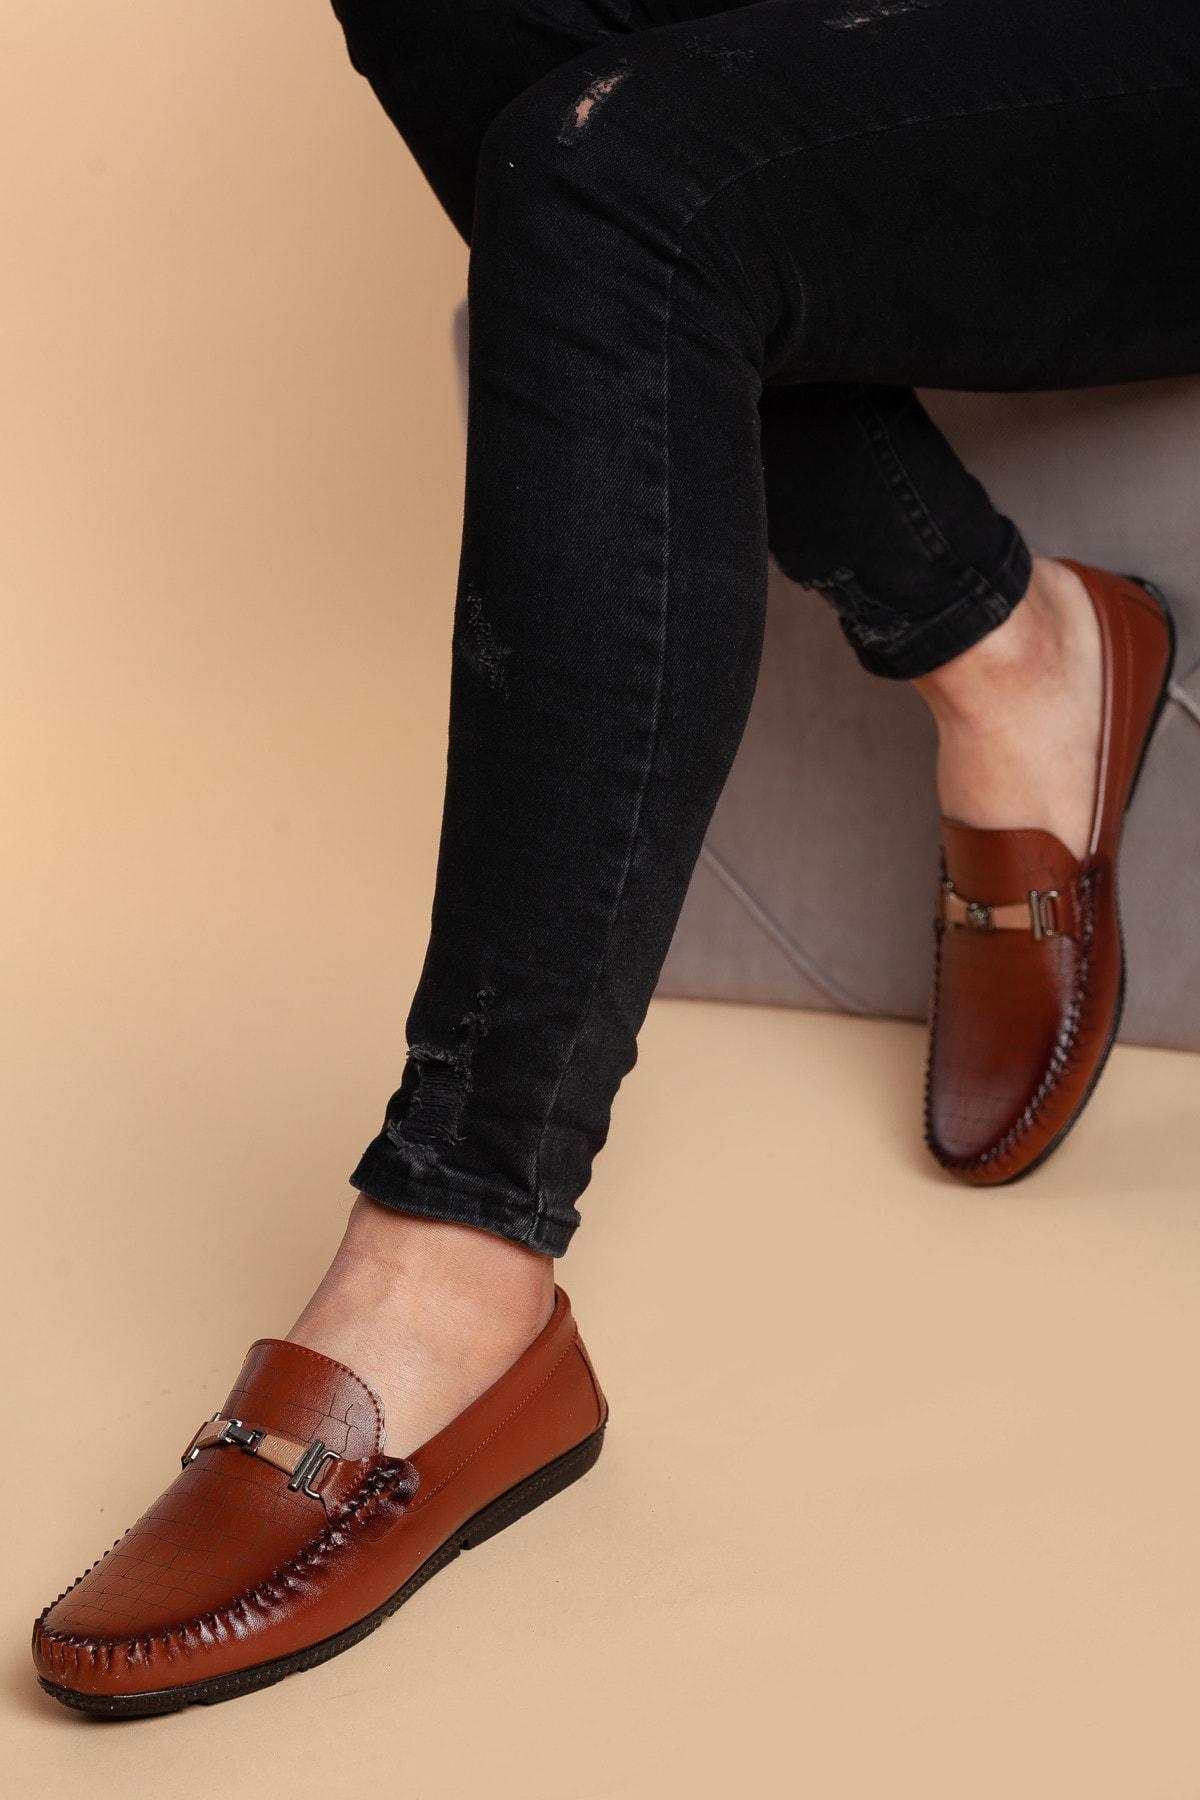 Daxtors D036 Günlük Ortopedik Erkek Ayakkabı